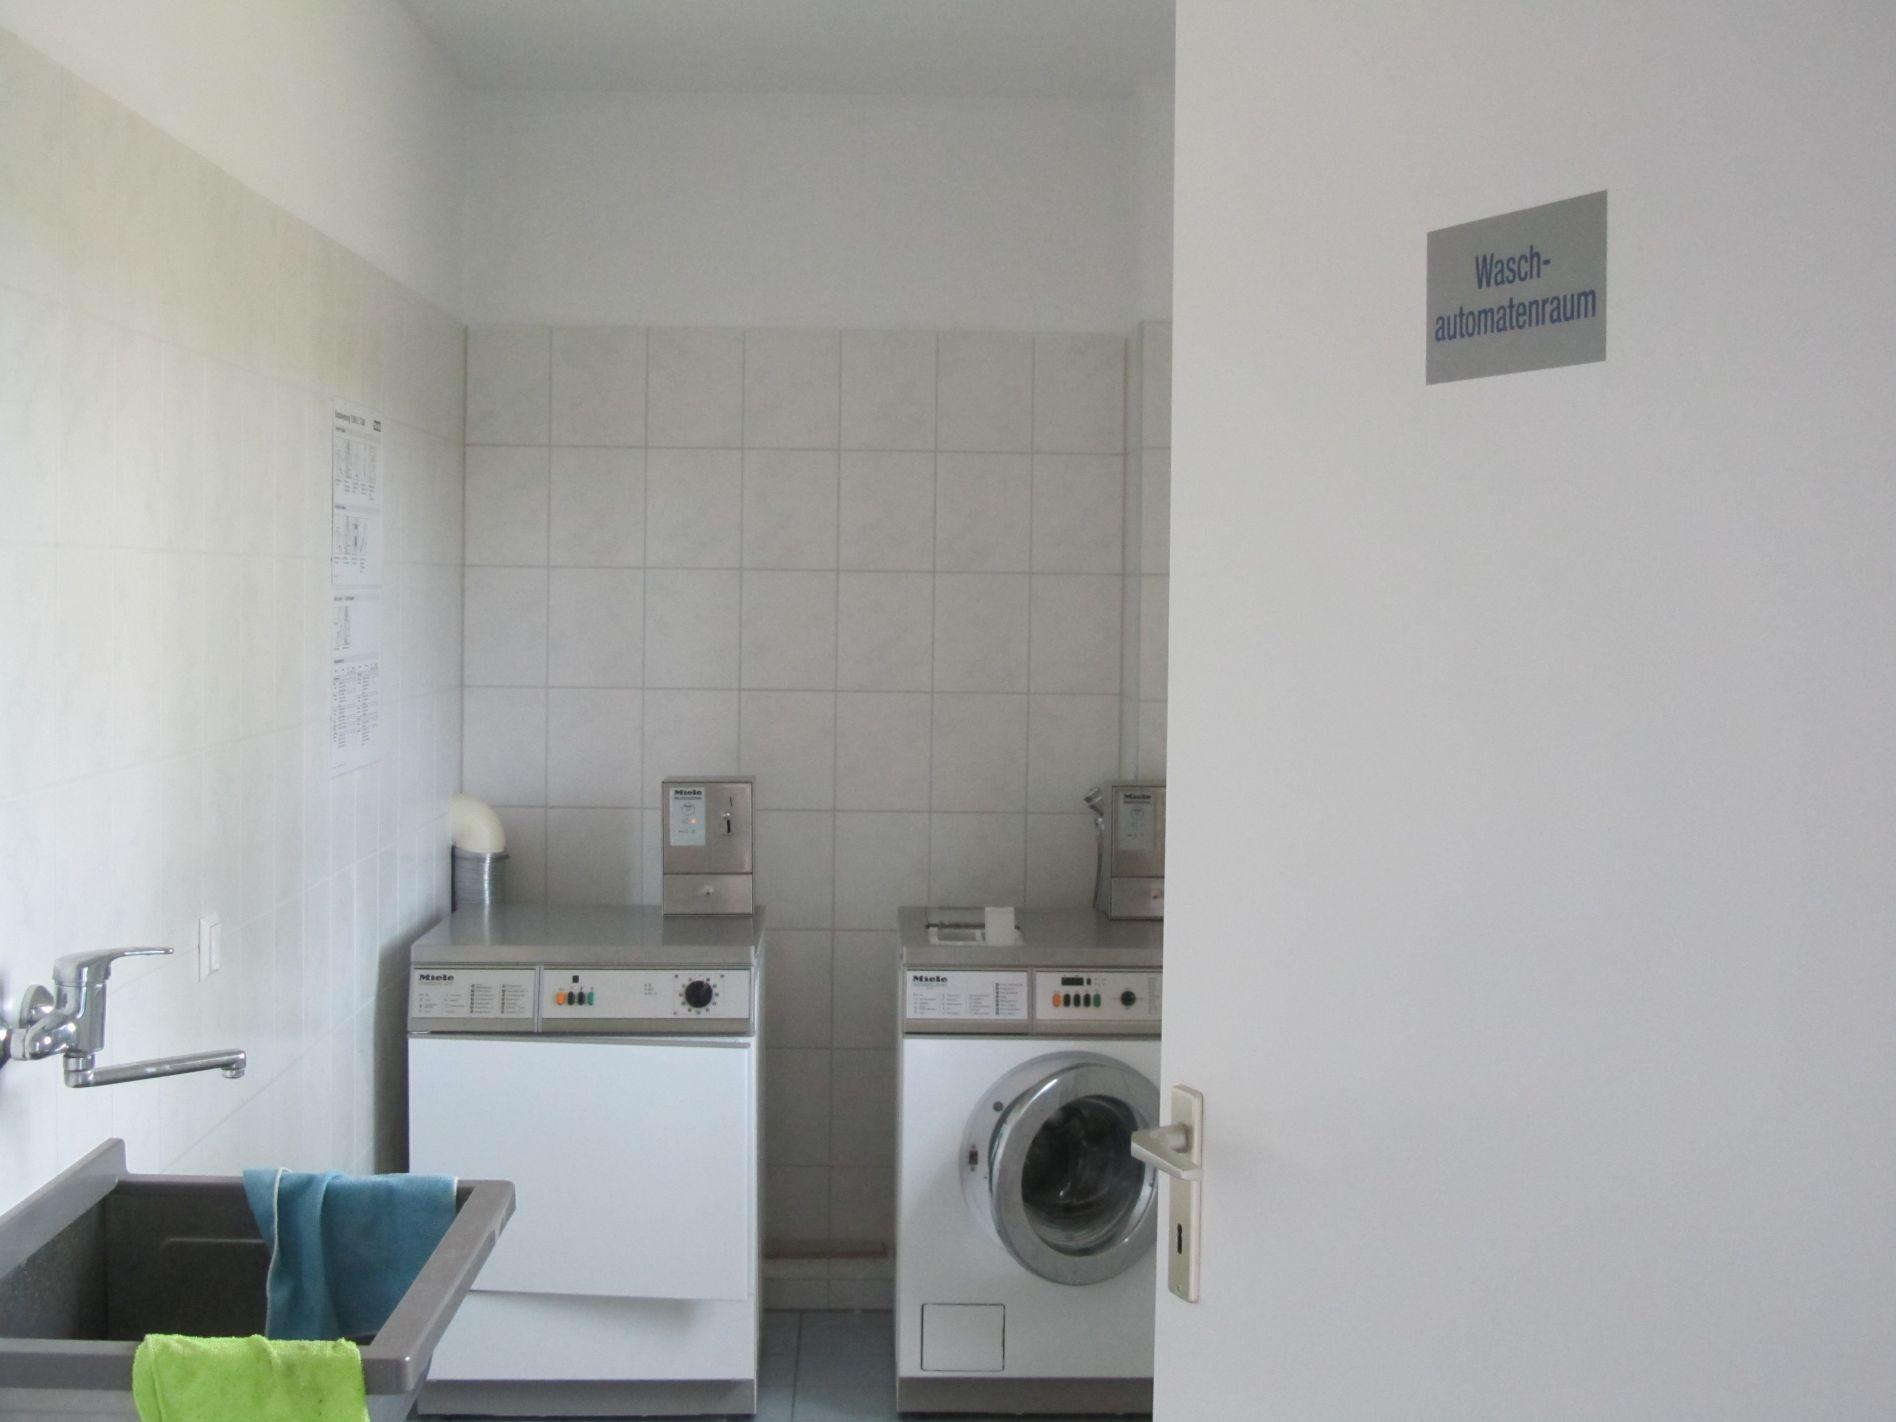 Waschmaschine und Trockner in Kienitz